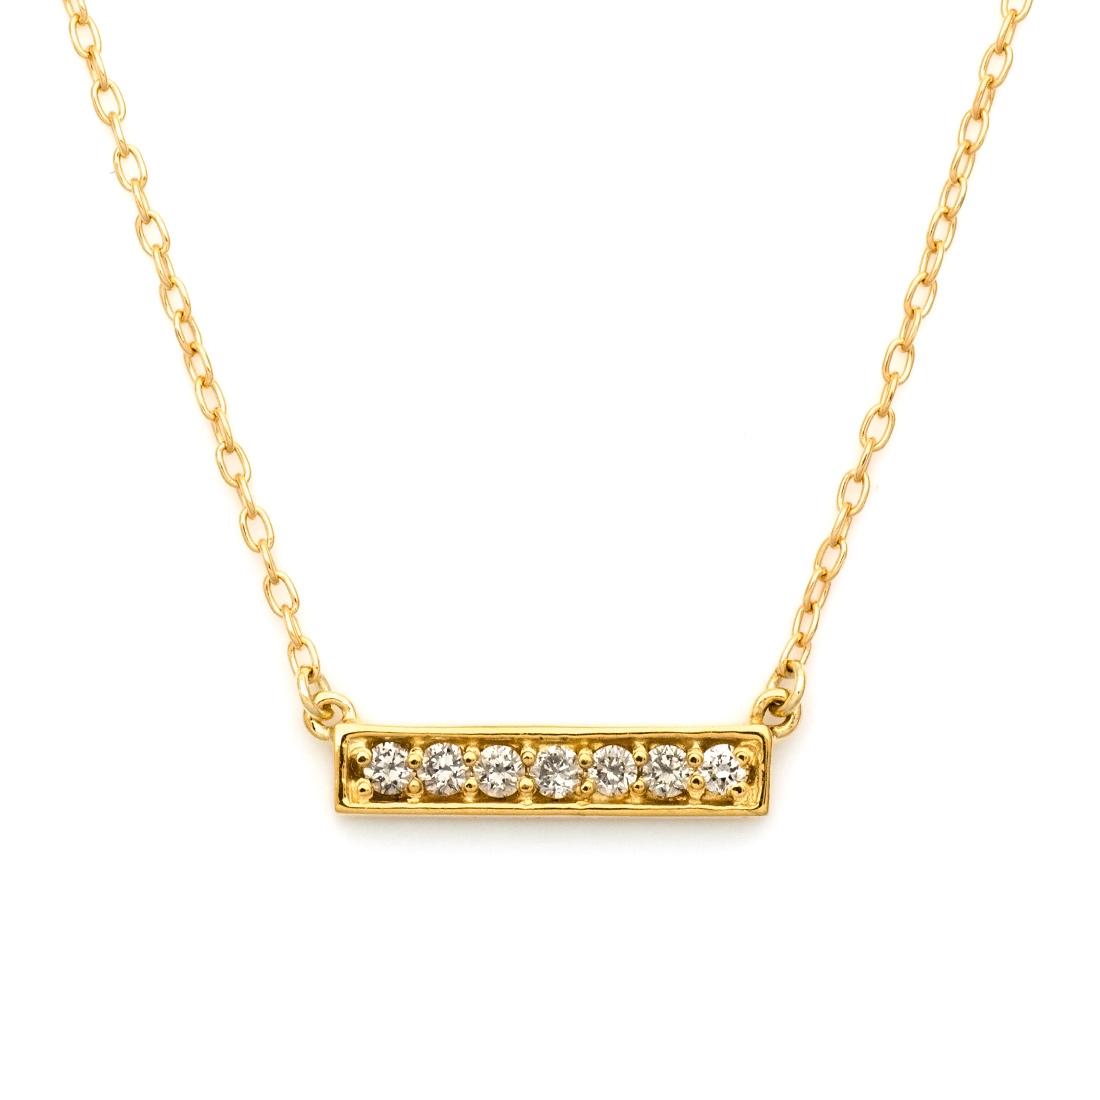 K18 バーモチーフ ダイヤモンド ネックレス 「certo」 ペンダント ダイアモンド 誕生日 4月誕生石 18K 18金 ゴールド アズキチェーン 記念日 メッセージ ギフト 贈り物